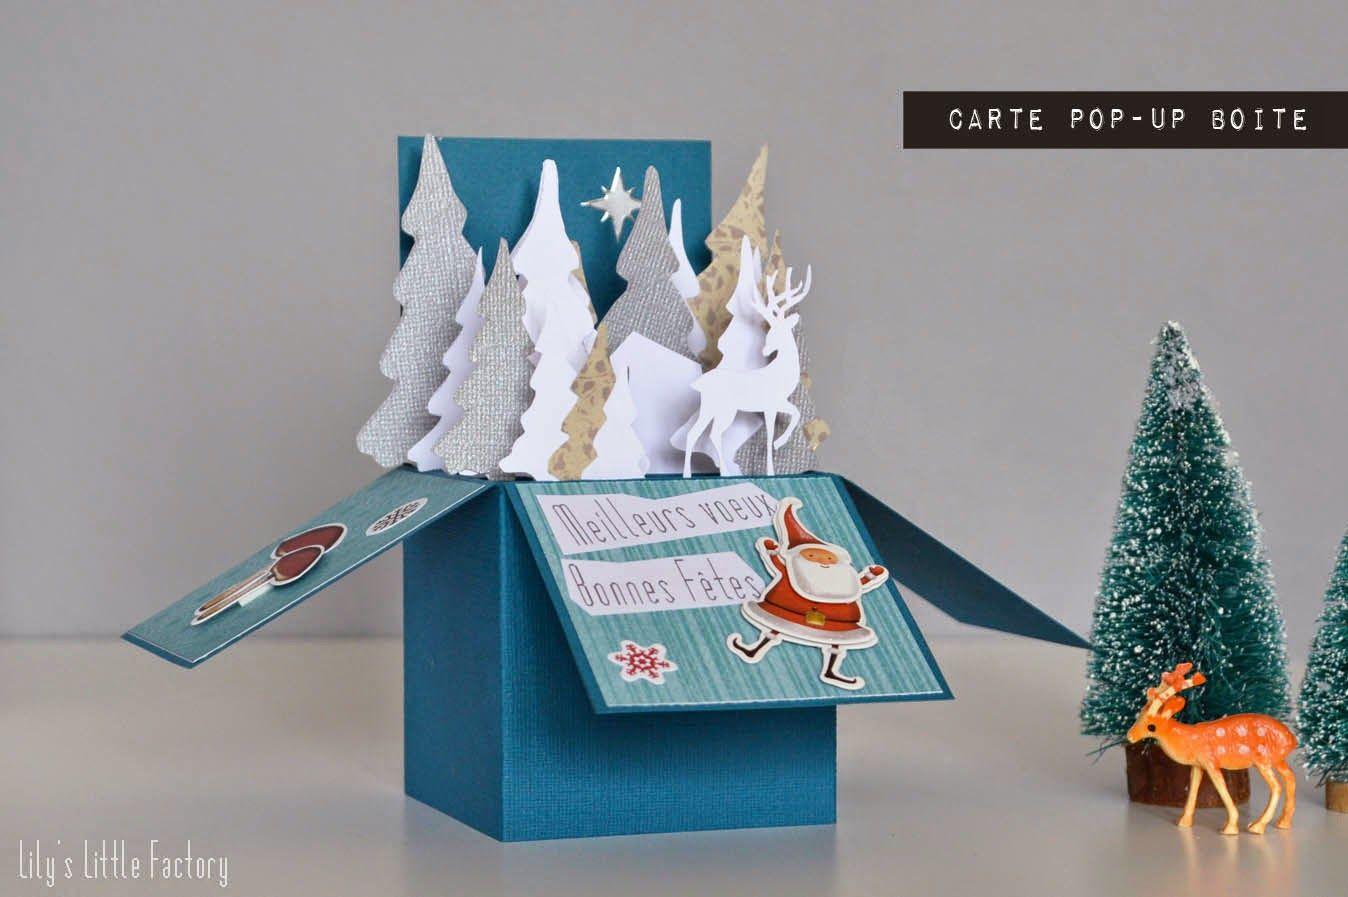 Meilleurs Vœux Une Carte Pop Up Boite Lily S Little Factory